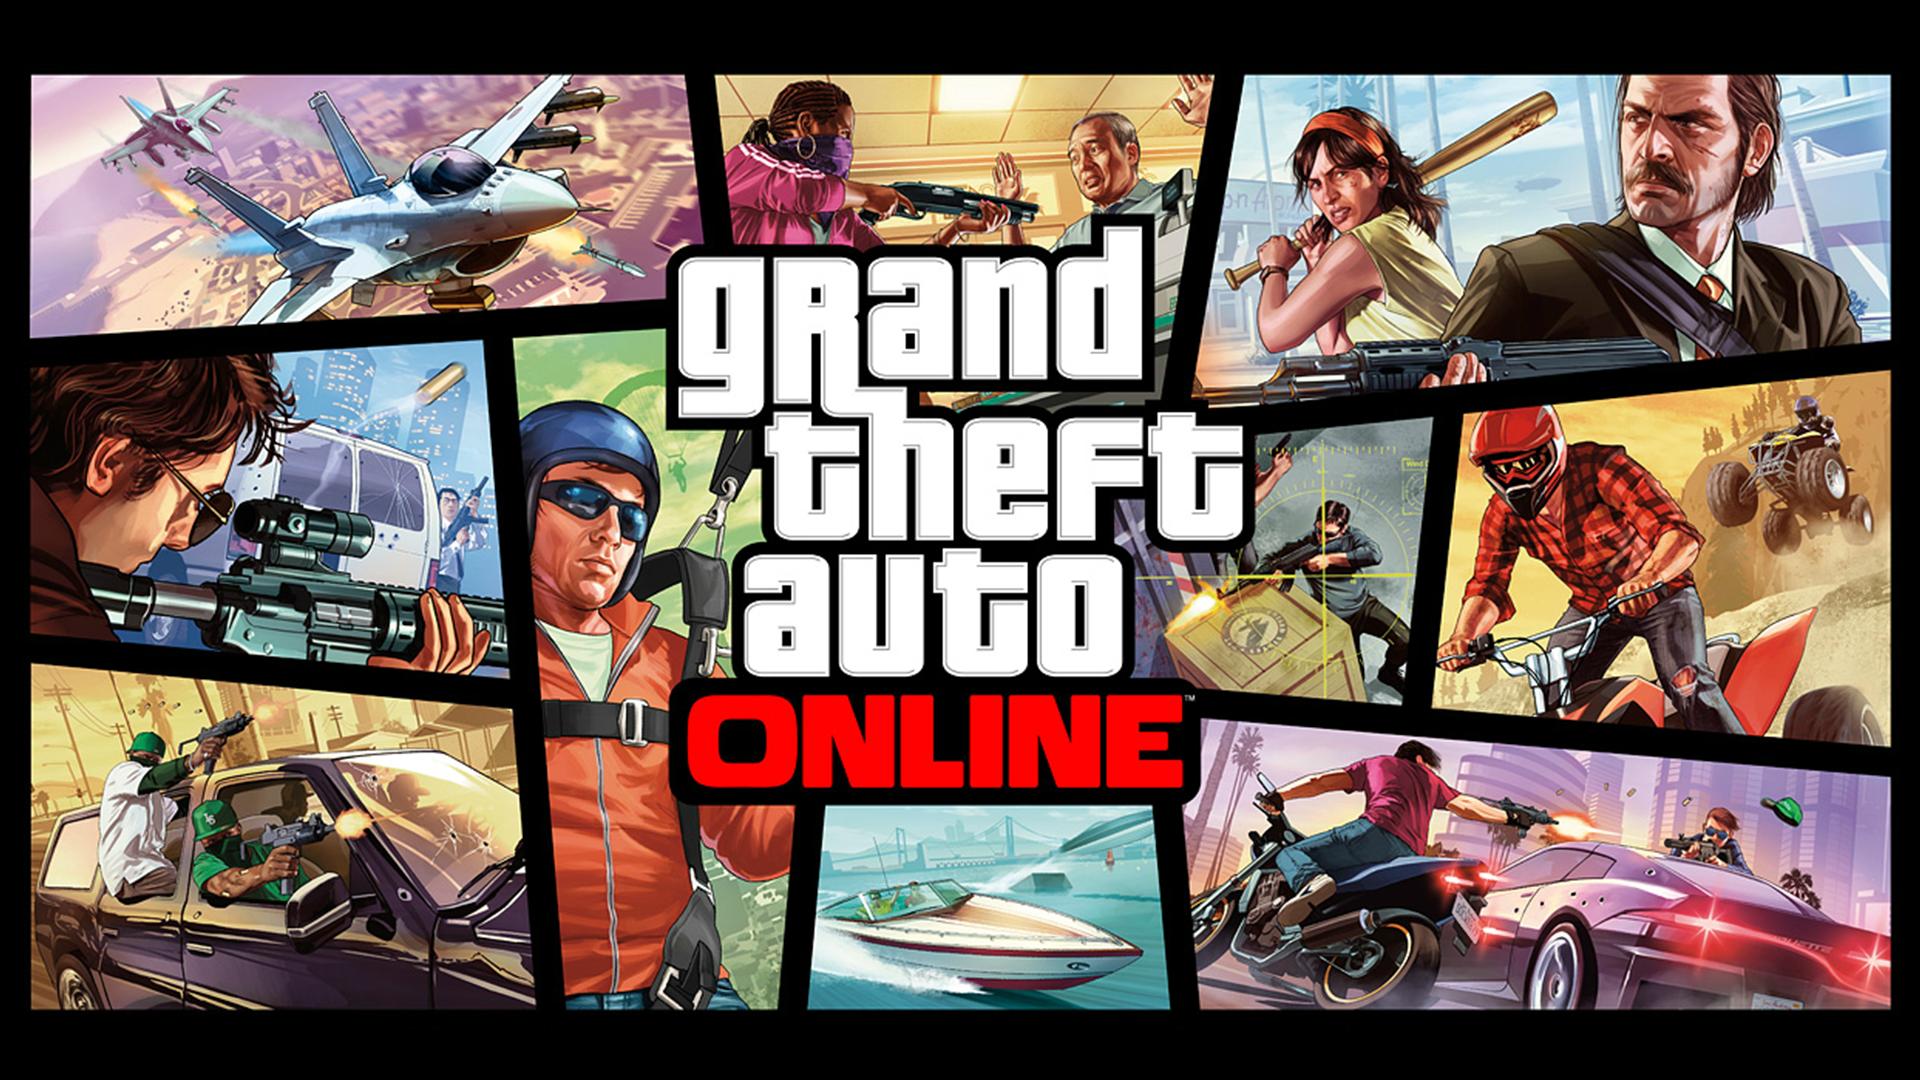 Nuevo rumor sobre el próximo DLC de Grand Theft Auto Online